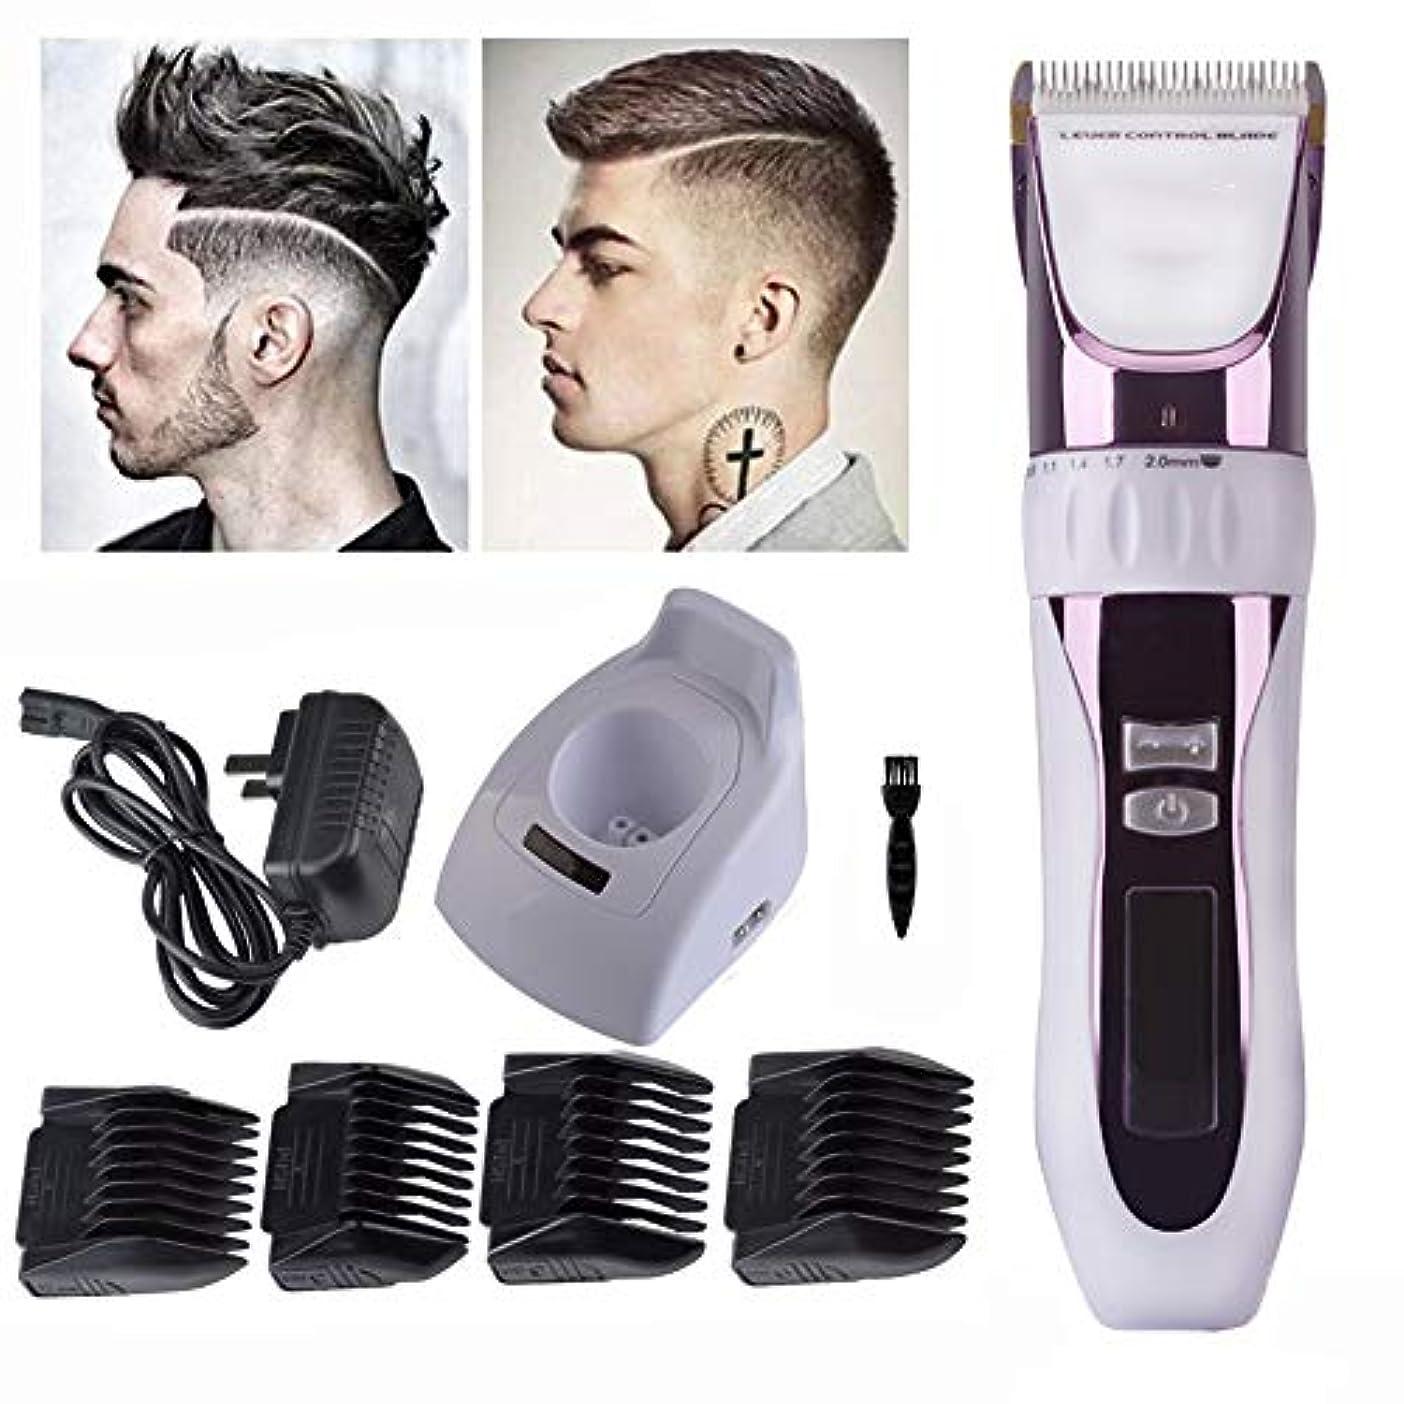 黒くする膜小学生男性のバリカンプロのバリカン子供充電サロントリマー散髪機LCD電源モニター